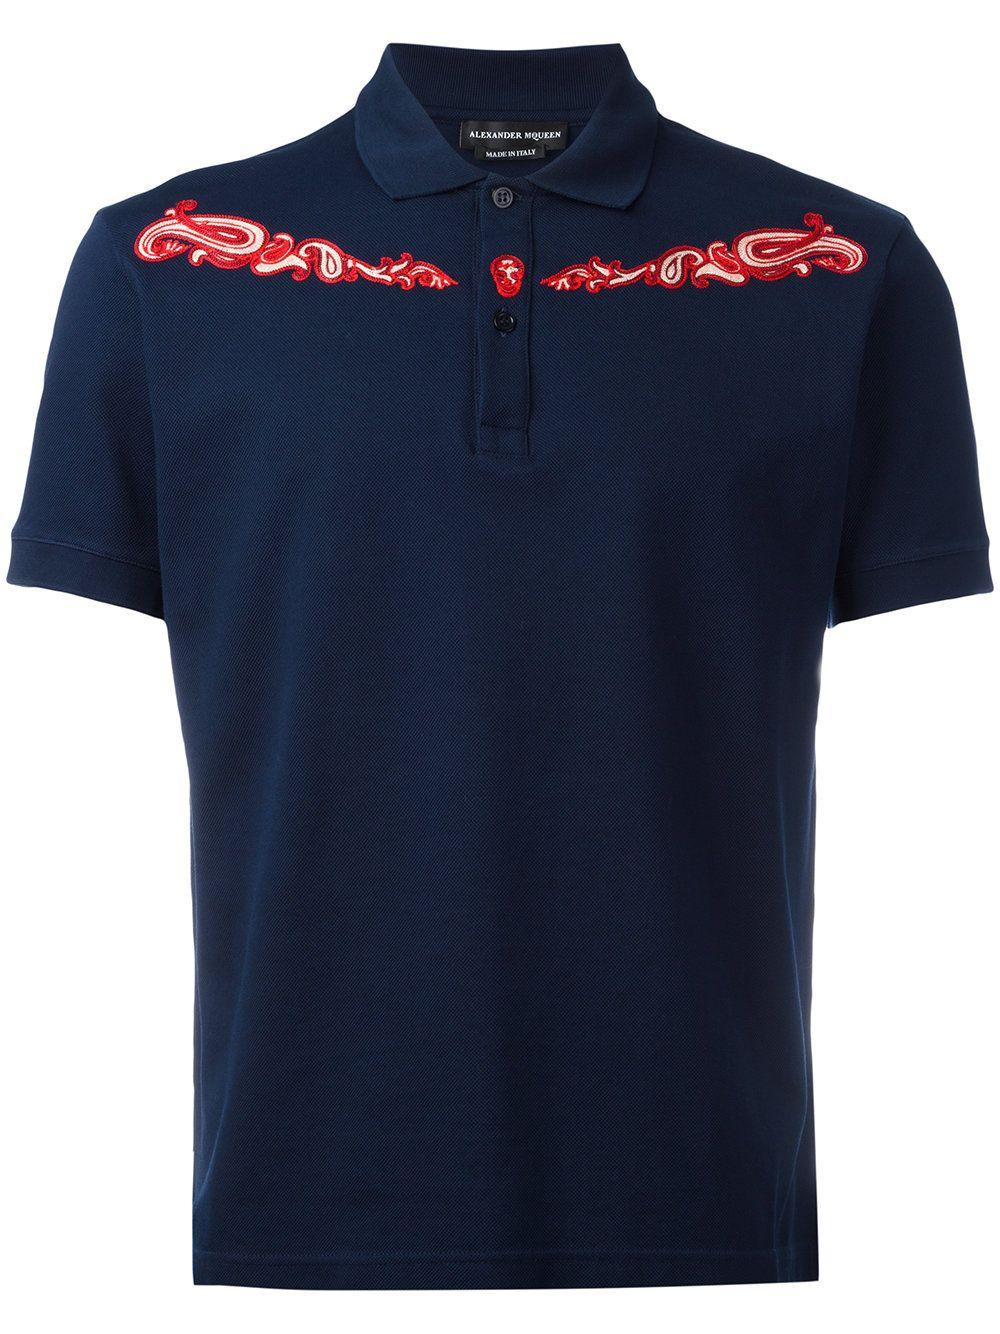 Alexander McQueen paisley panel polo shirt